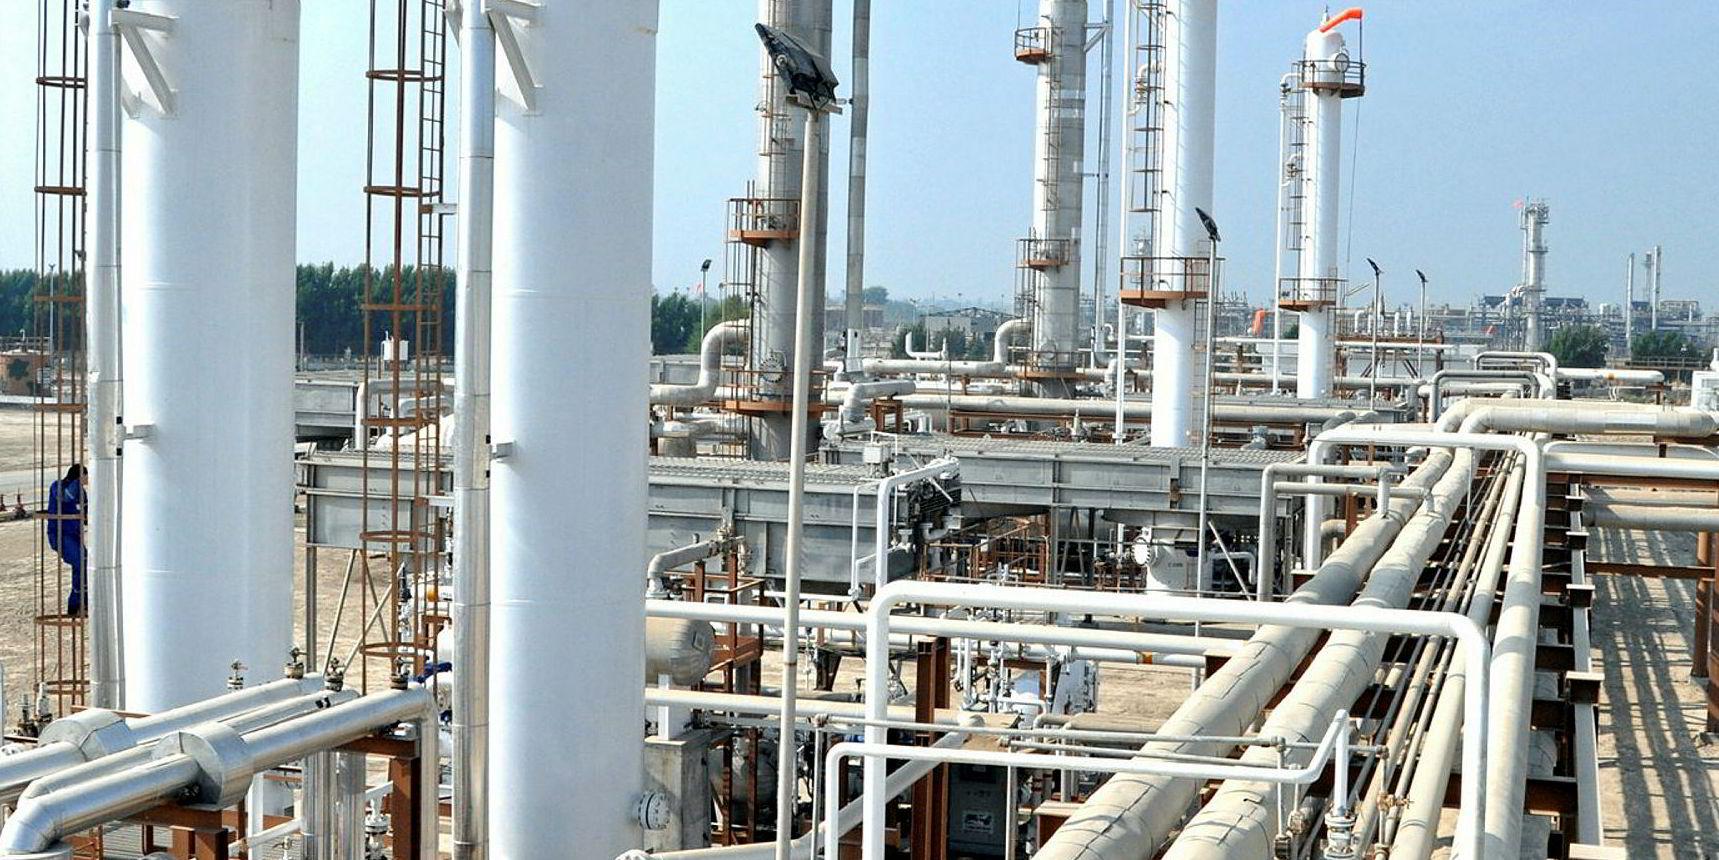 Ghana's Gas Sector becoming a Fiscal Burden - IES warns